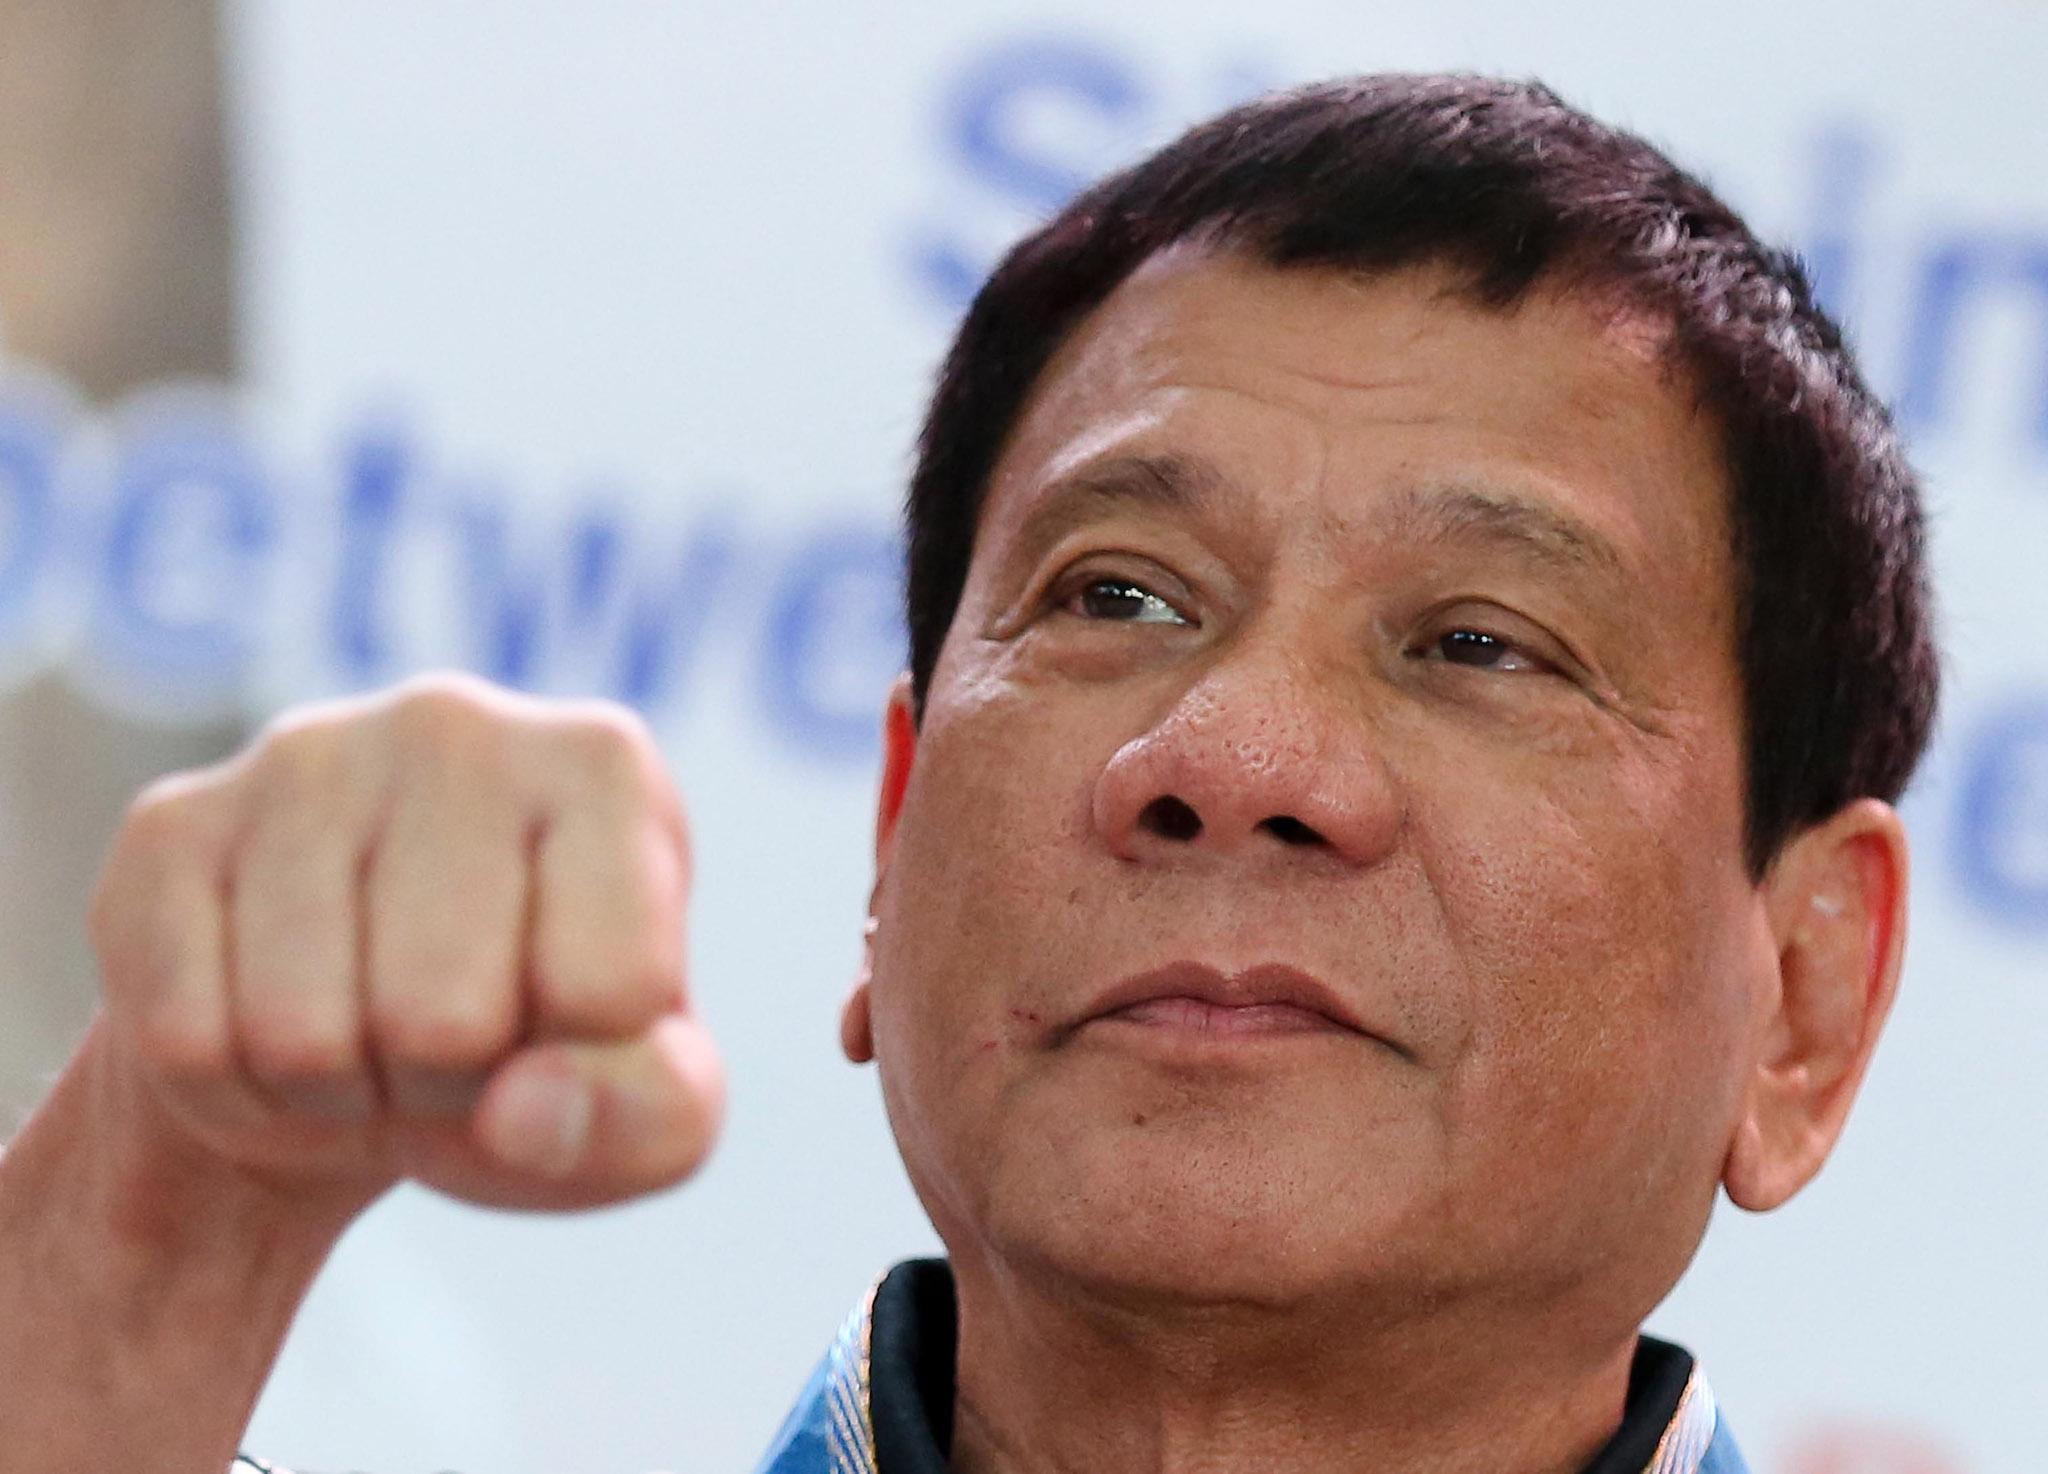 Filipinas | Duterte já despediu cerca de 800 funcionários por corrupção